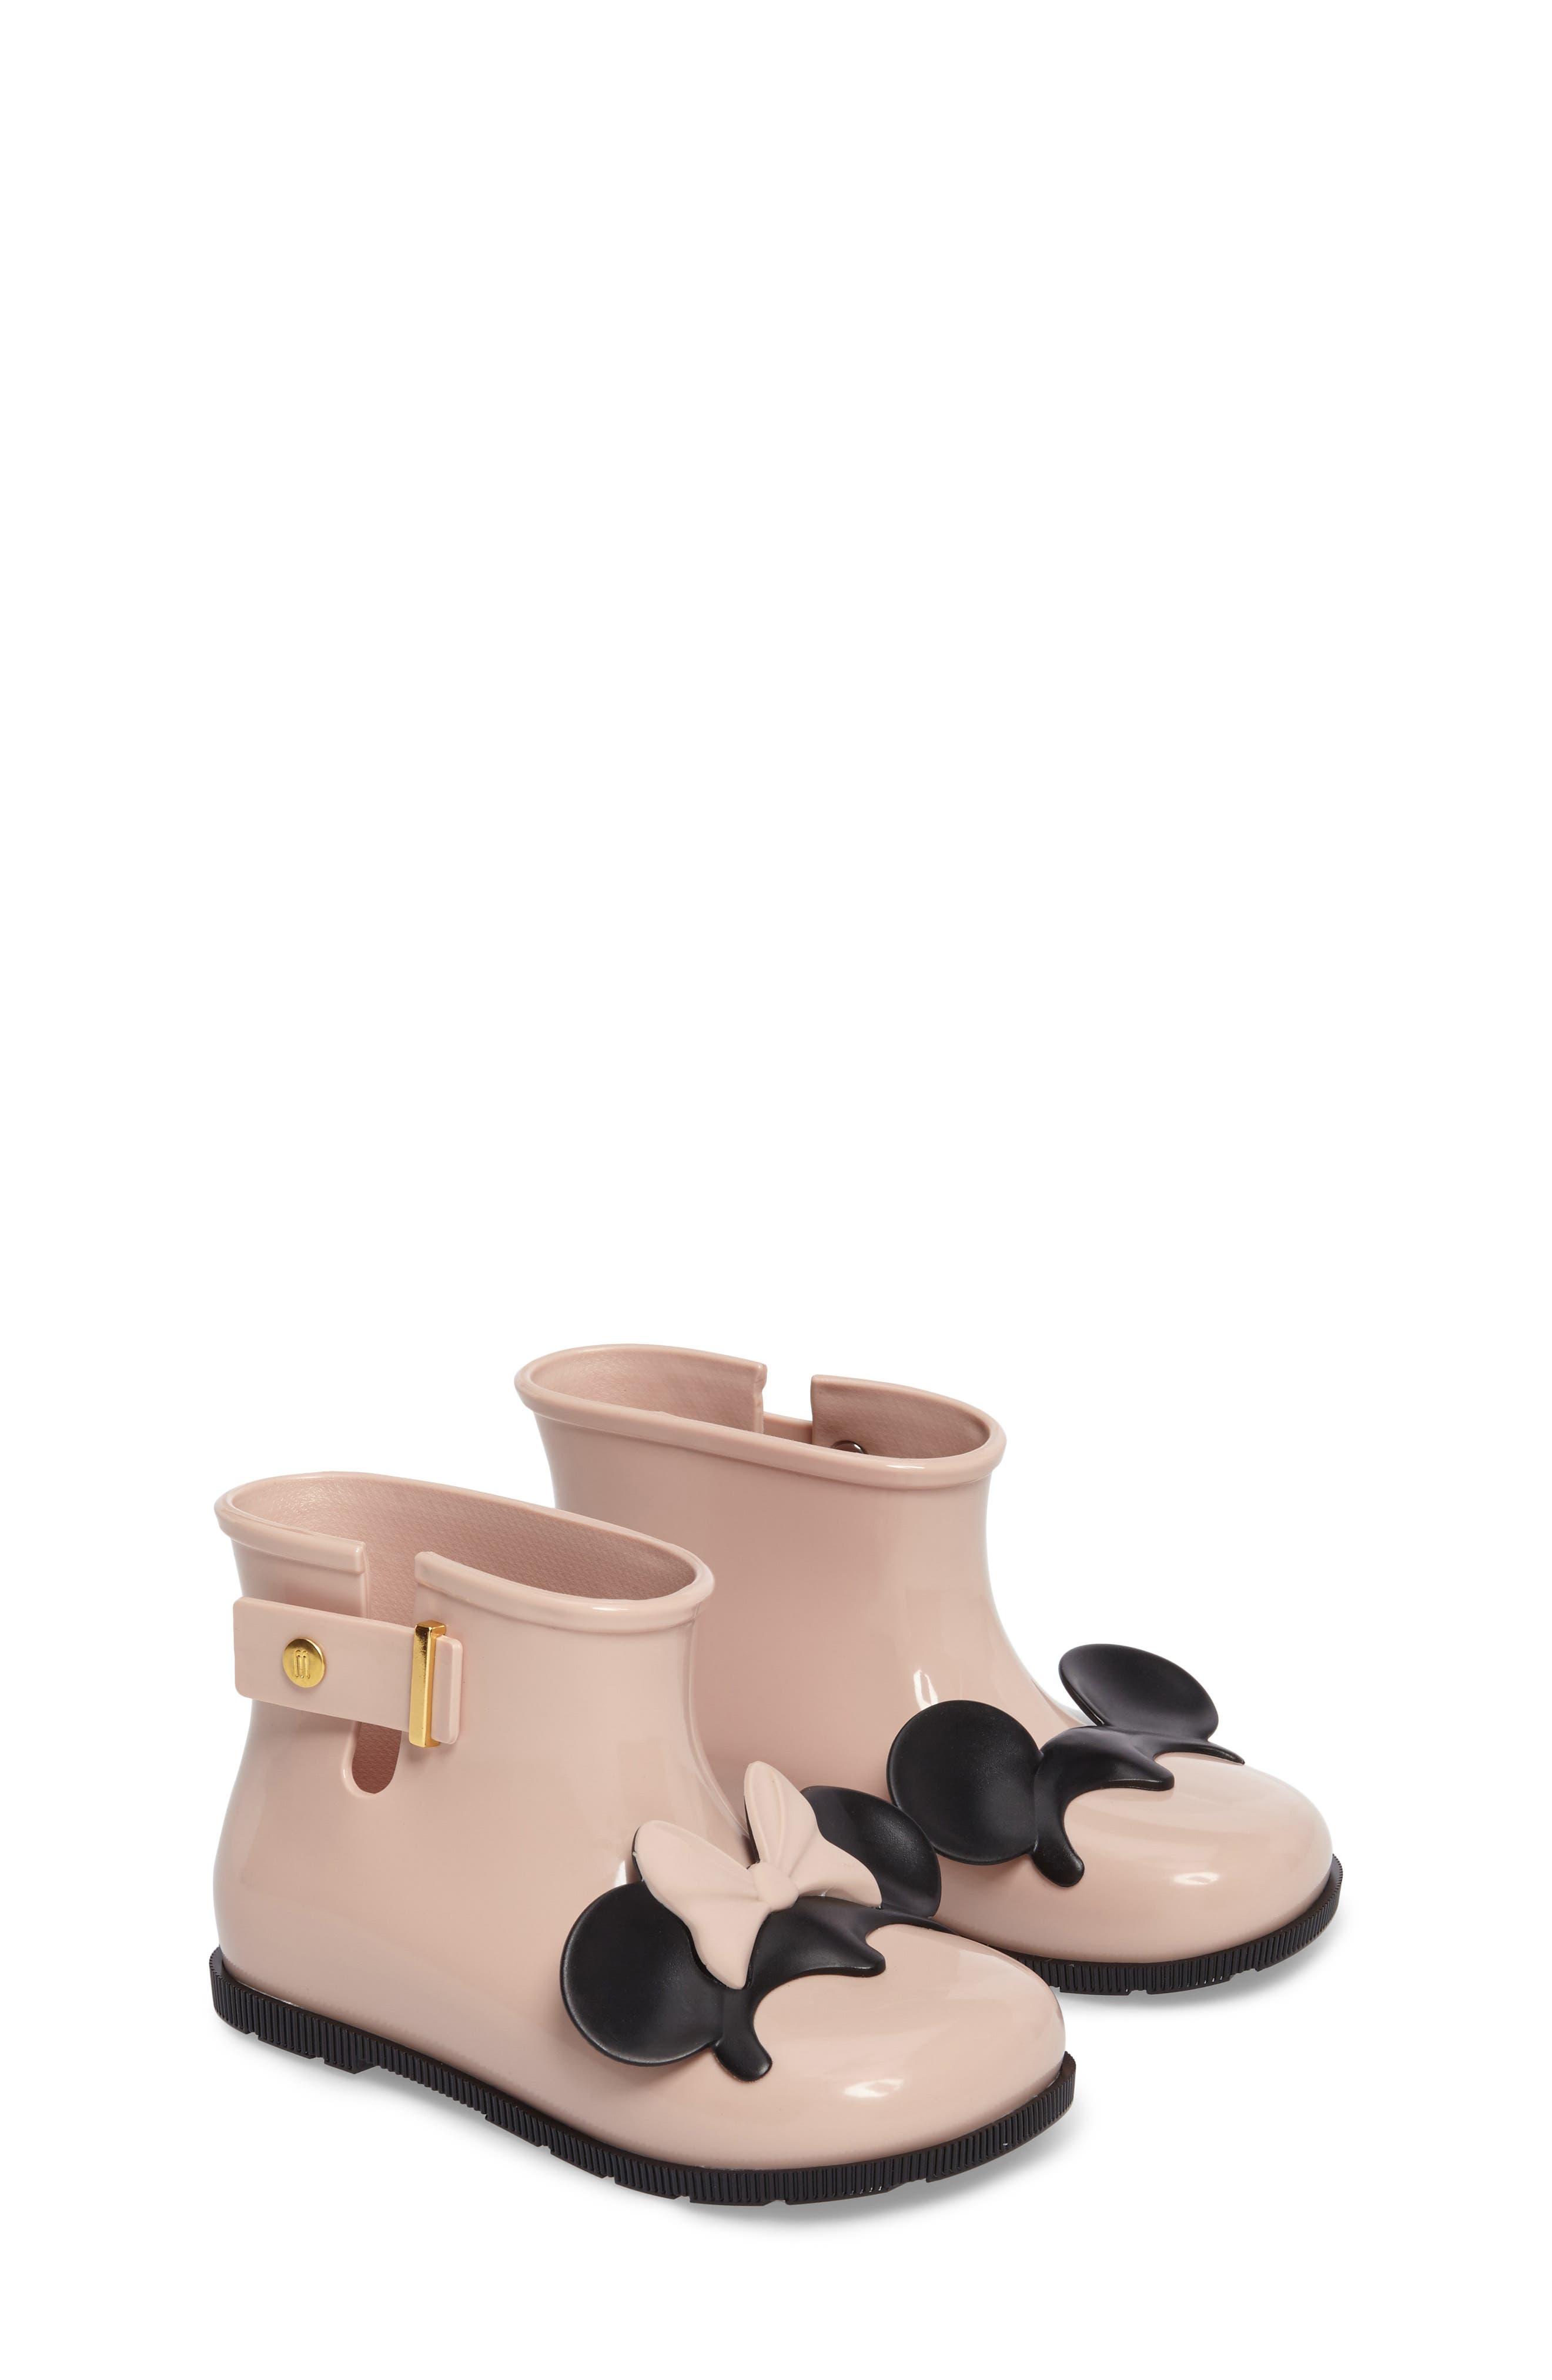 Alternate Image 1 Selected - Mini Melissa Sugar Rain Disney Twins Waterproof Bootie (Walker & Toddler)